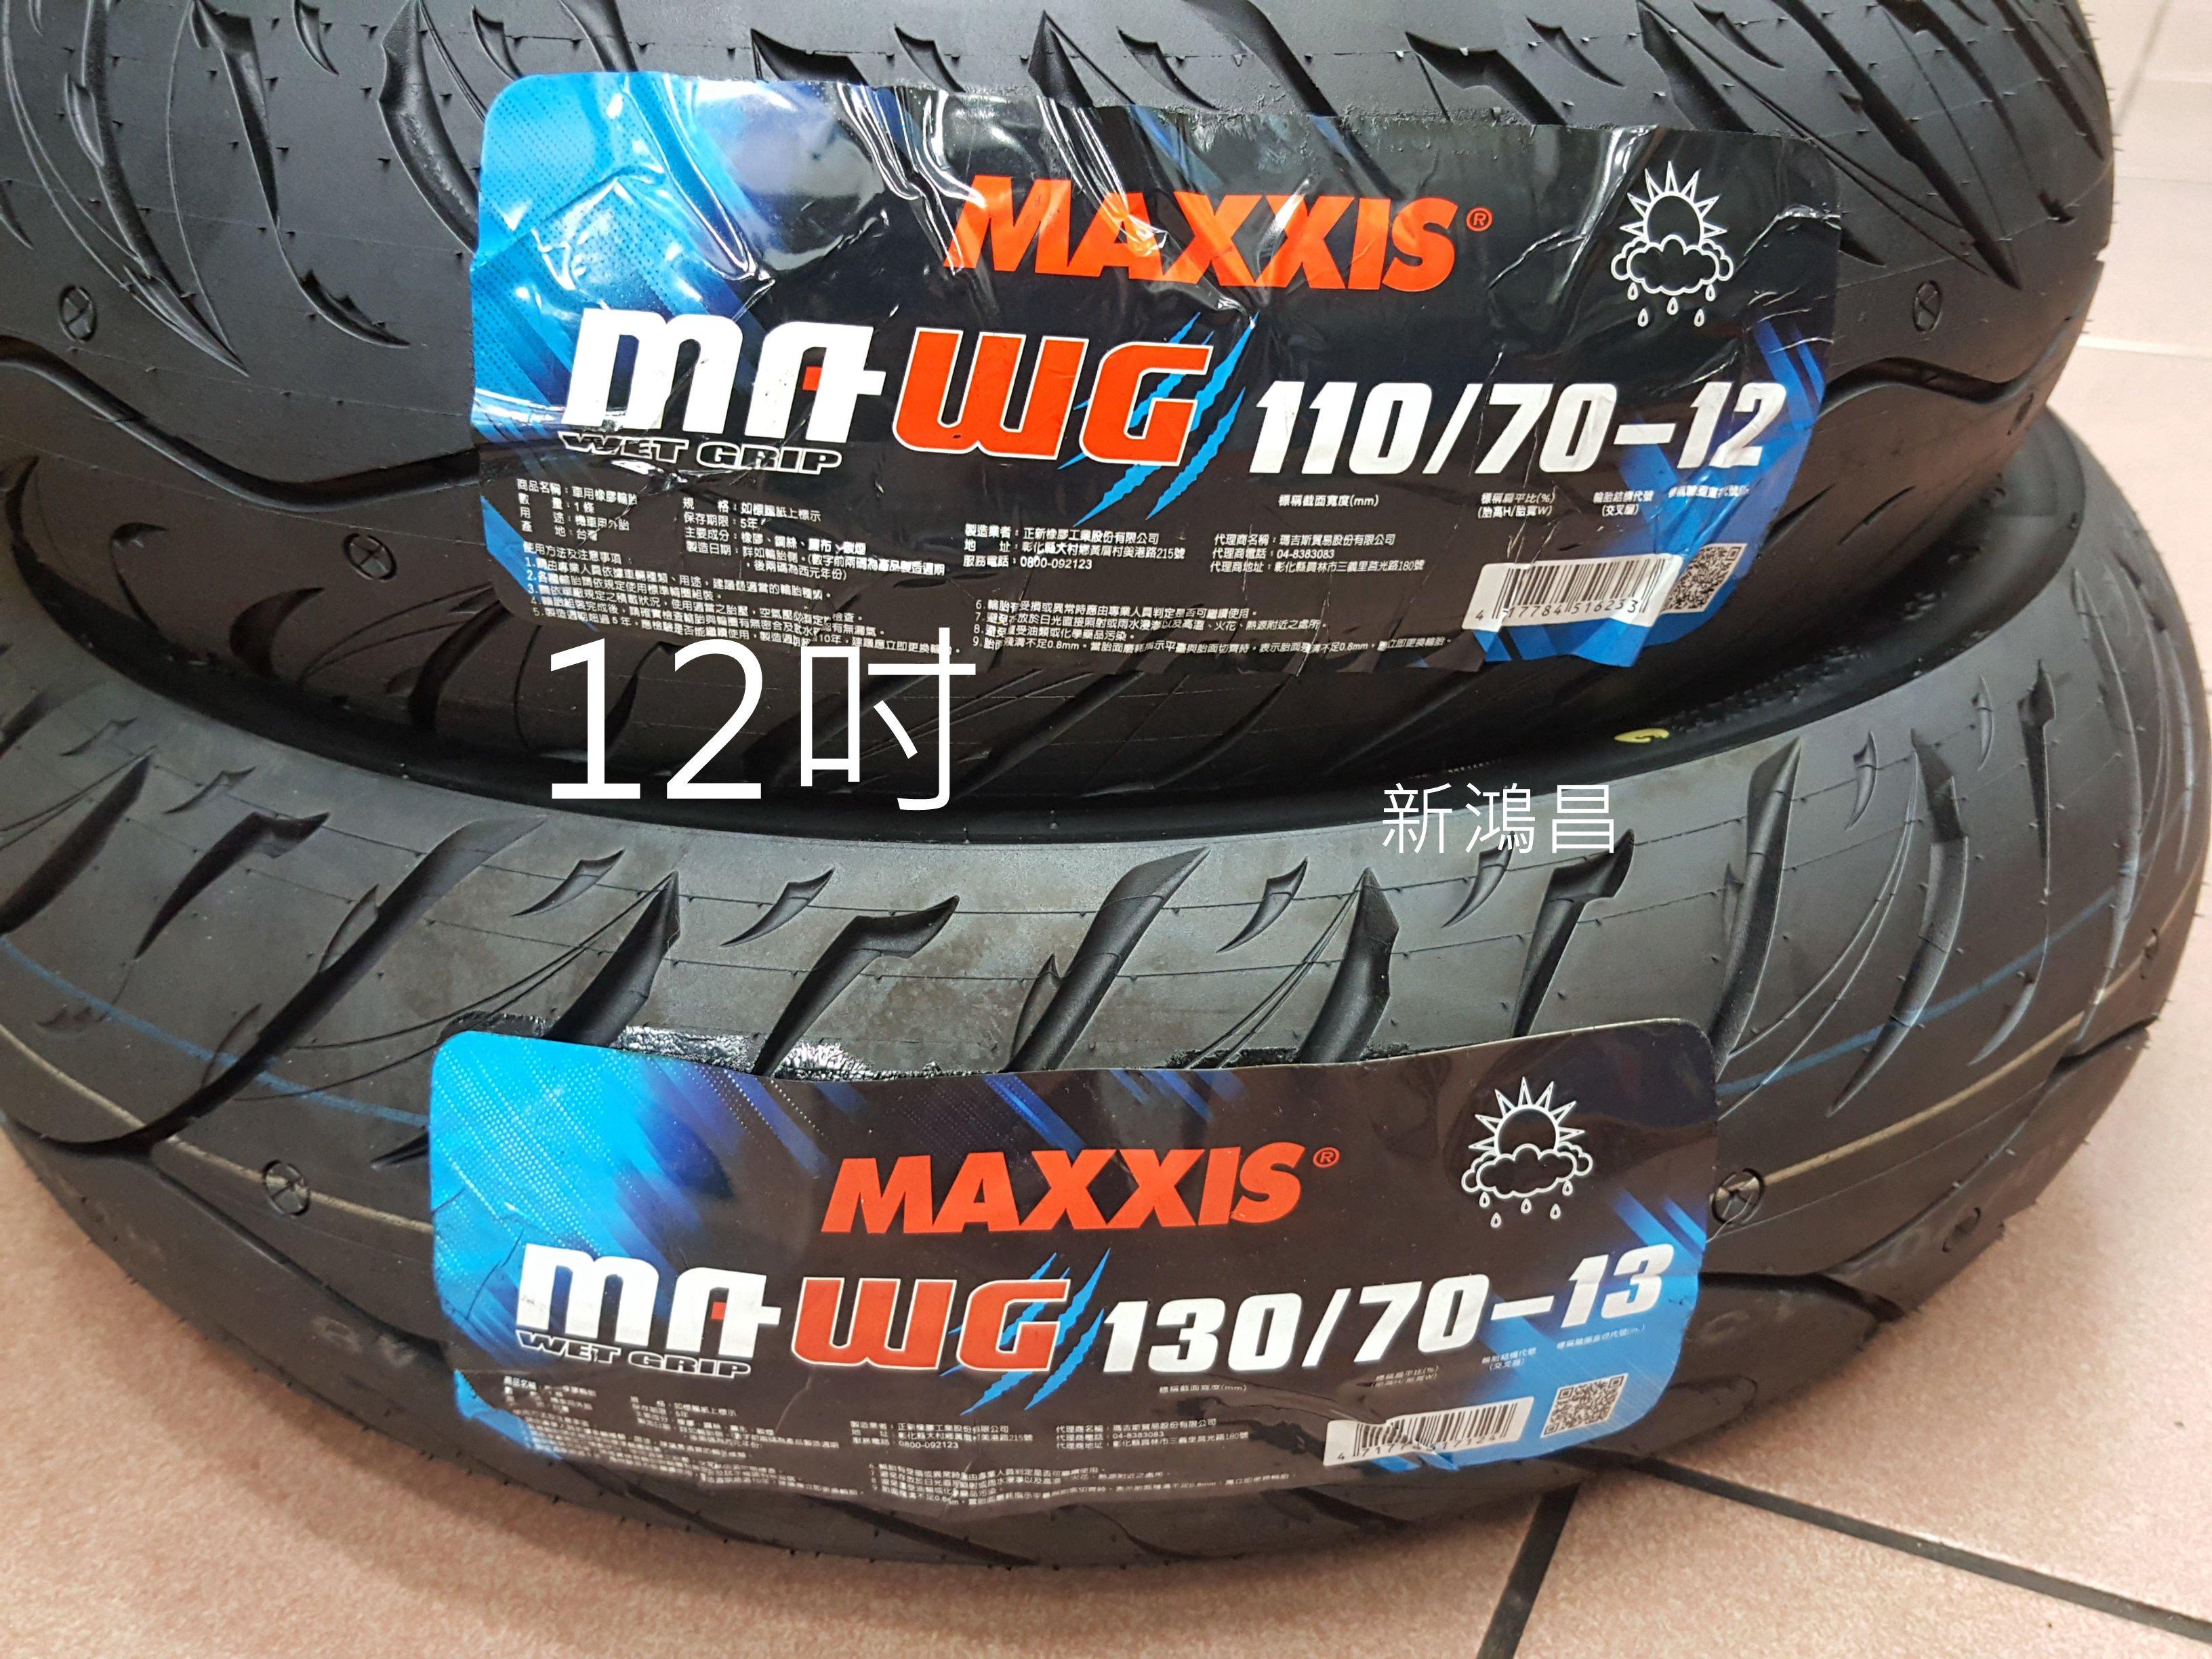 【新鴻昌】MAXXIS瑪吉斯 MA-WG 水行俠 110/70-12 120/70-12 機車輪胎 12吋